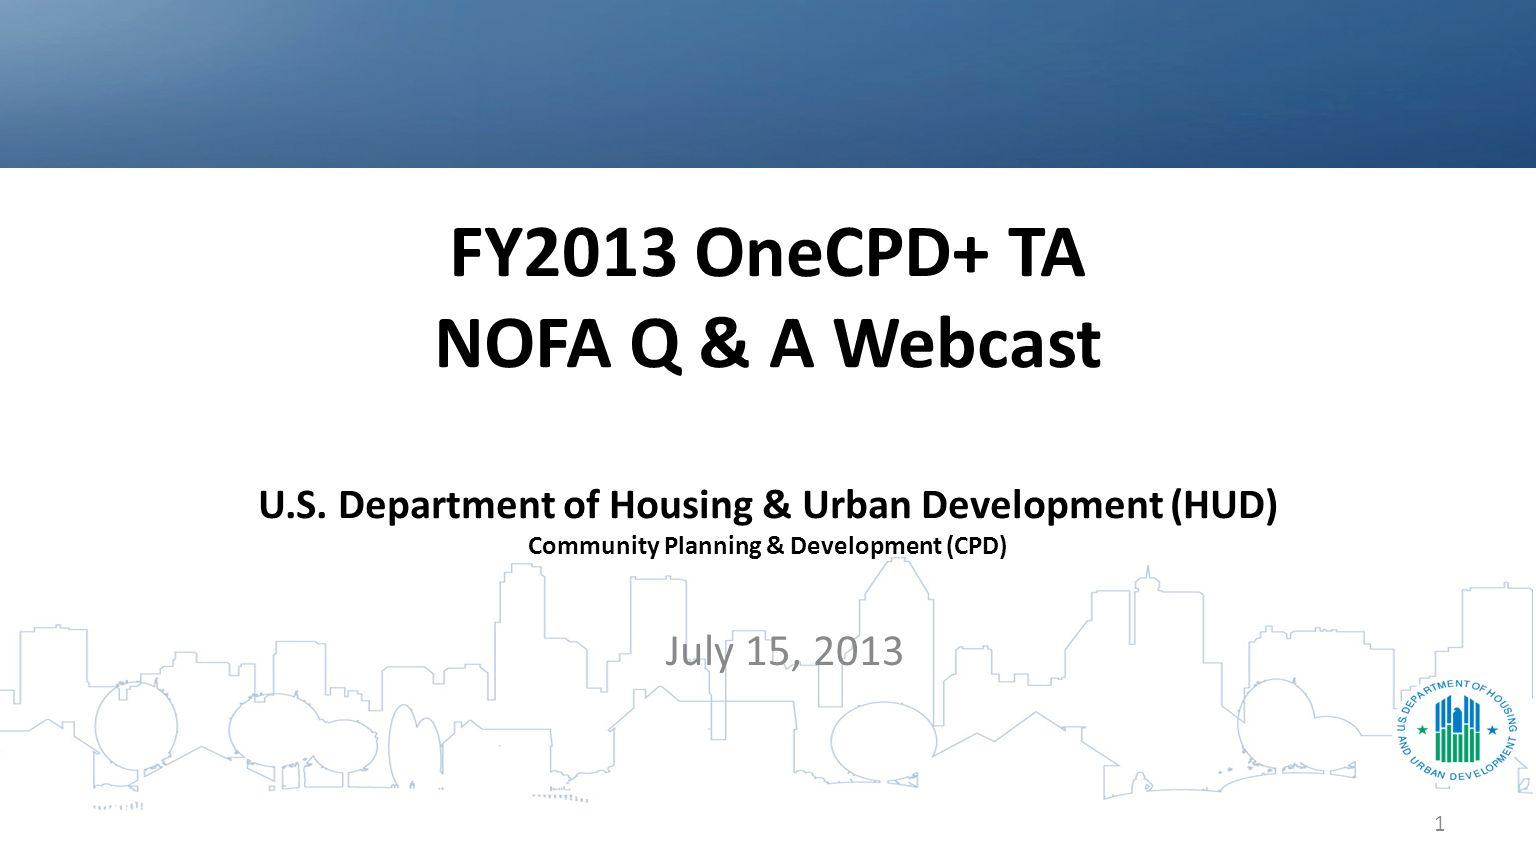 fy2013 onecpd+ ta nofa q & a webcast u.s. department of housing